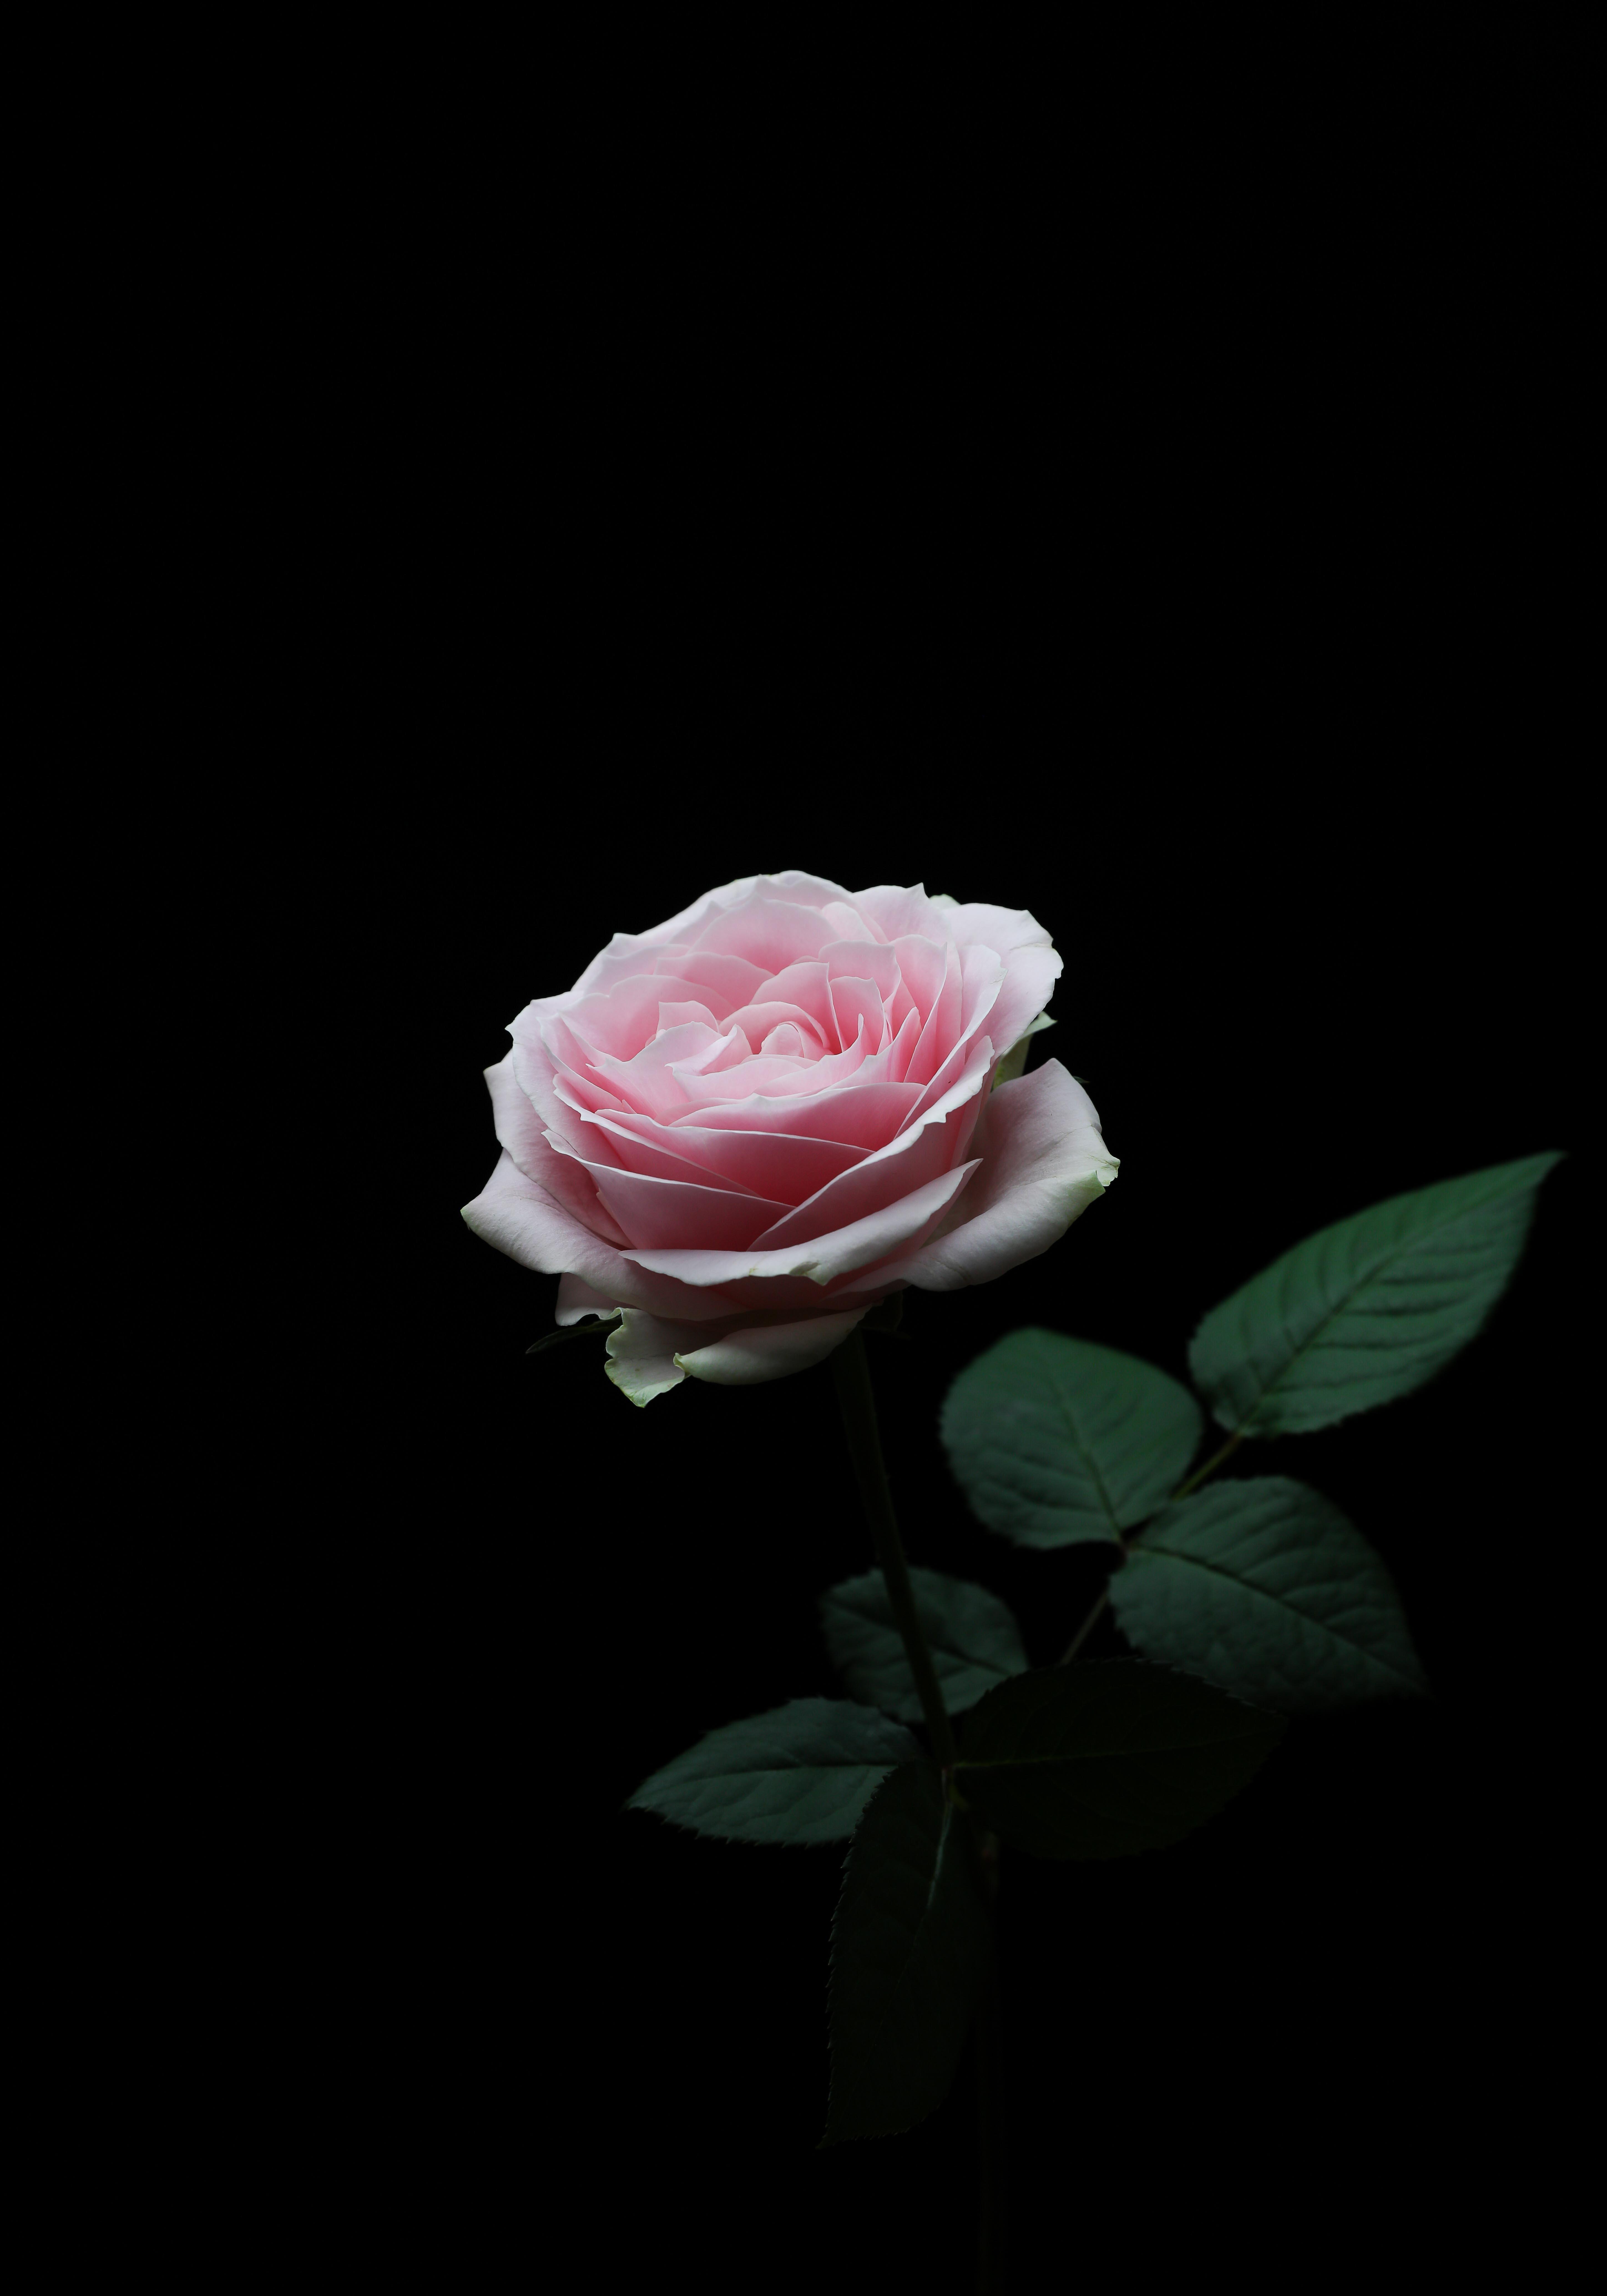 Iphone H King Background Dark Pink Rose Wallpaper